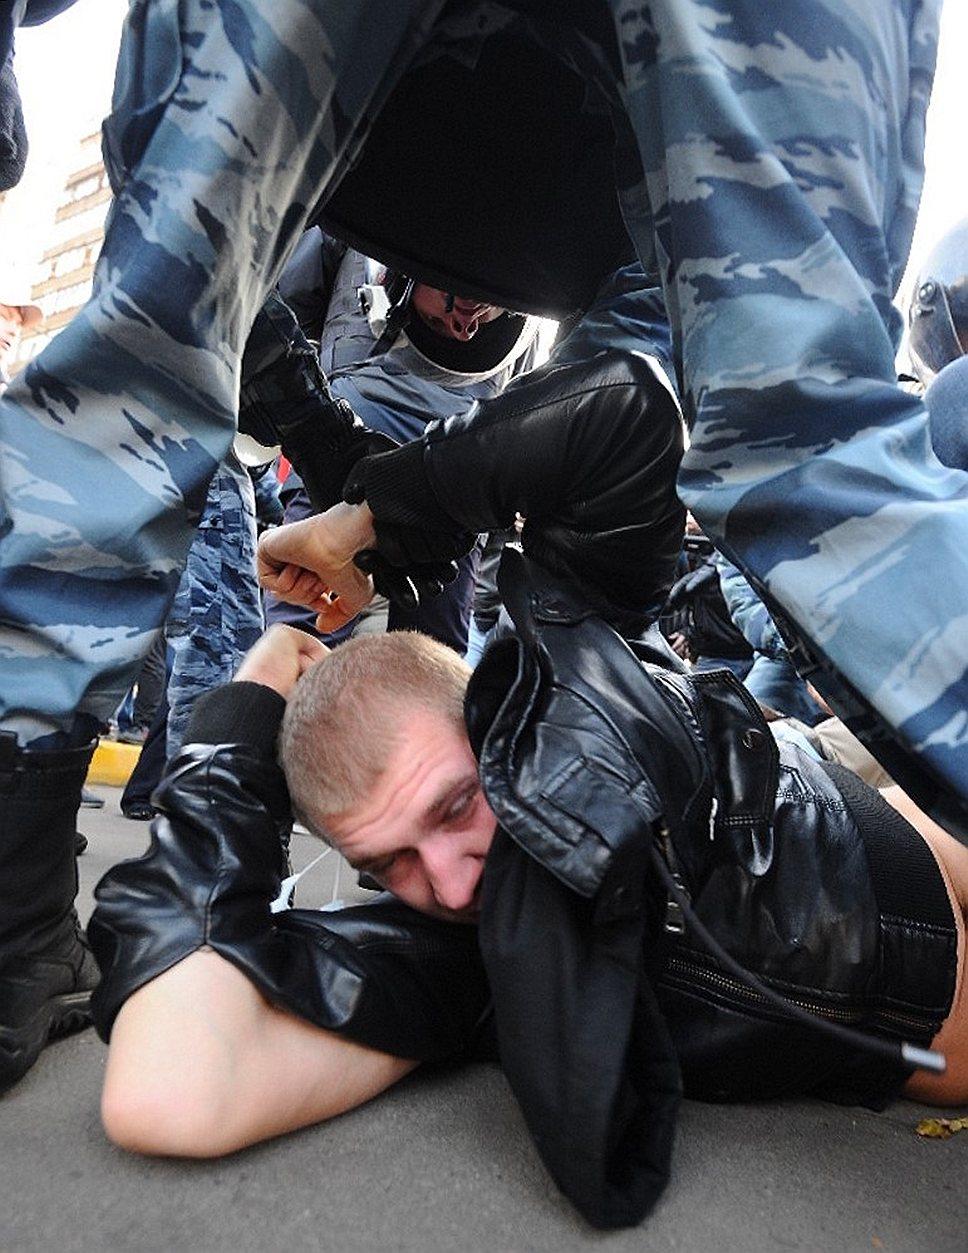 В микрорайоне Бирюлево-Западное произошло столкновение местных жителей и выходцев с Кавказа, госпитализированы пятеро